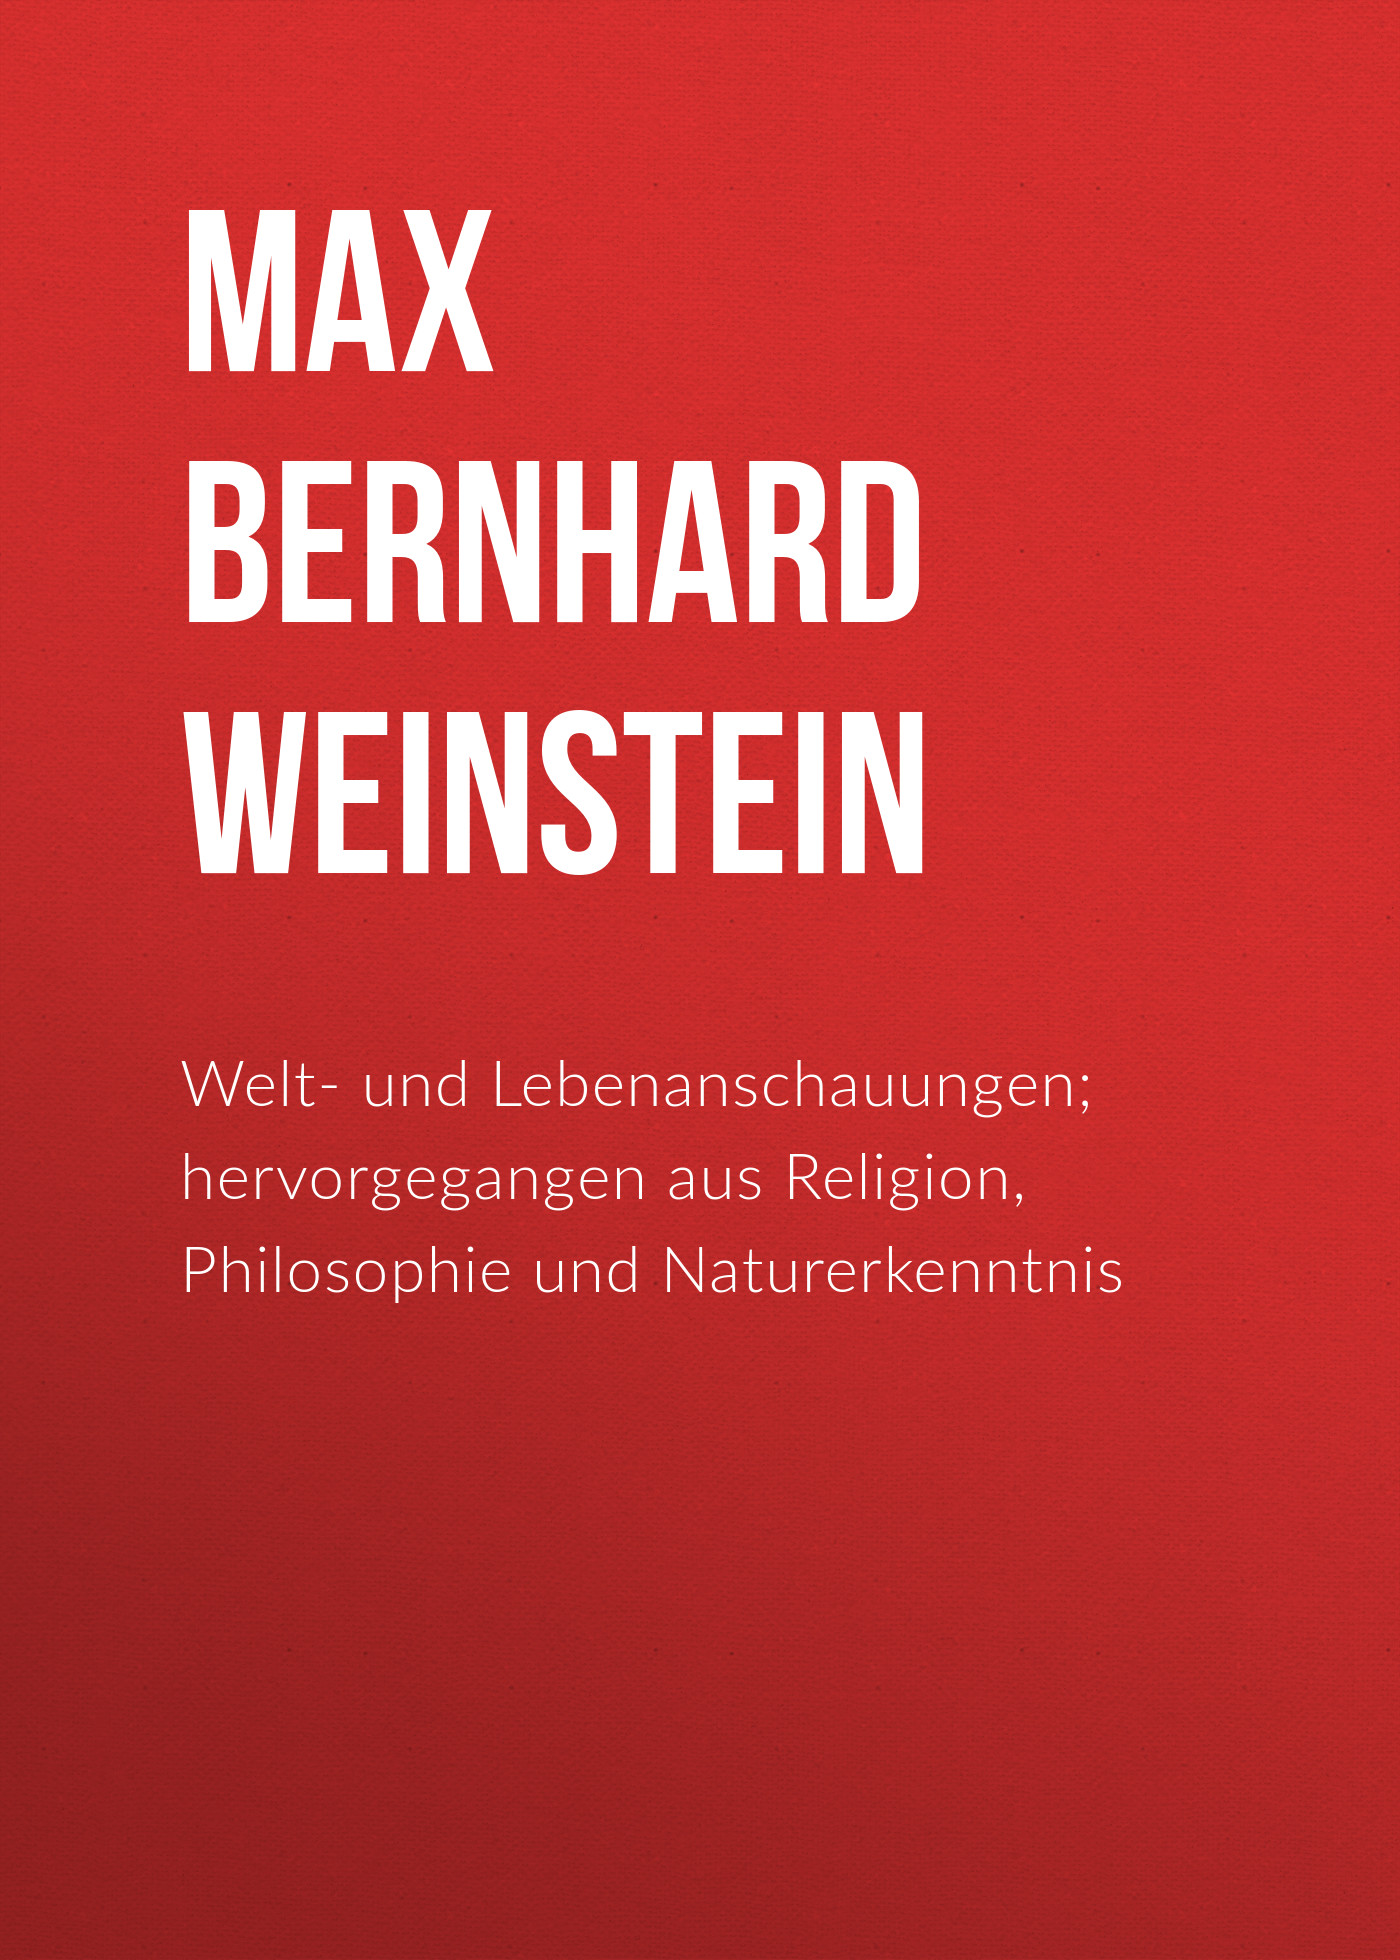 Max Bernhard Weinstein Welt- und Lebenanschauungen; hervorgegangen aus Religion, Philosophie und Naturerkenntnis